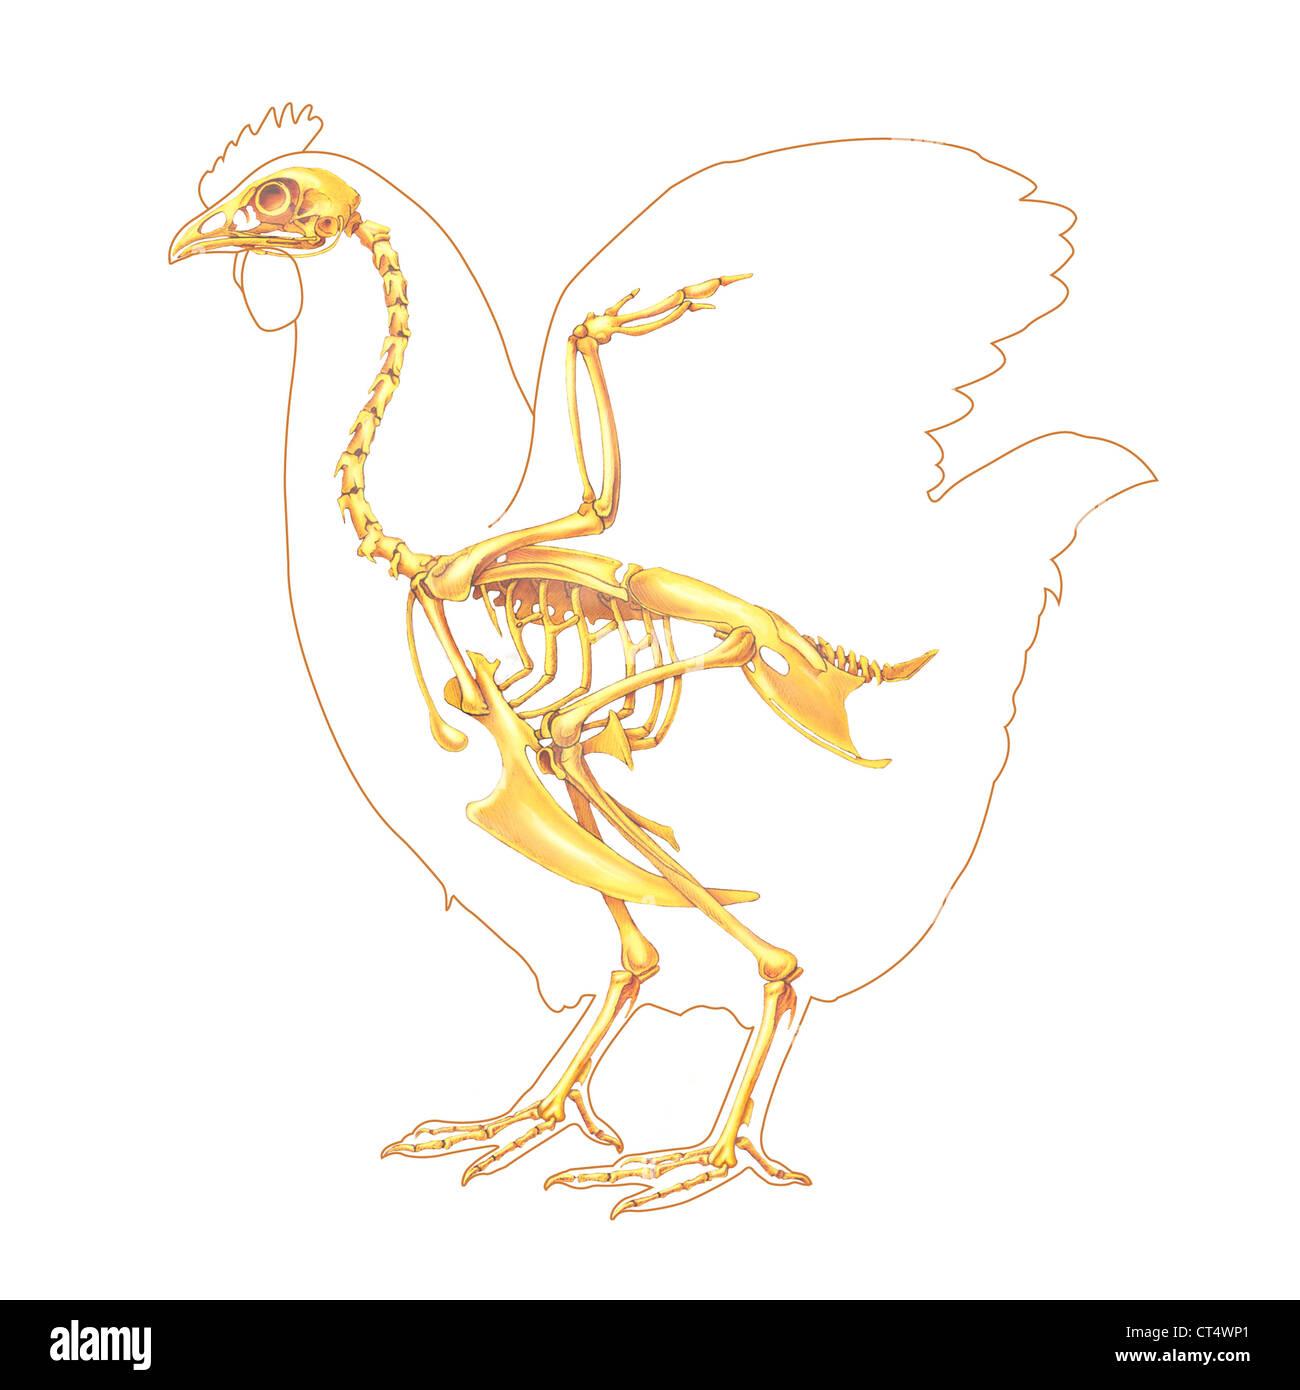 Anatomie Poule anatomie poule, dessin banque d'images, photo stock: 49280505 - alamy